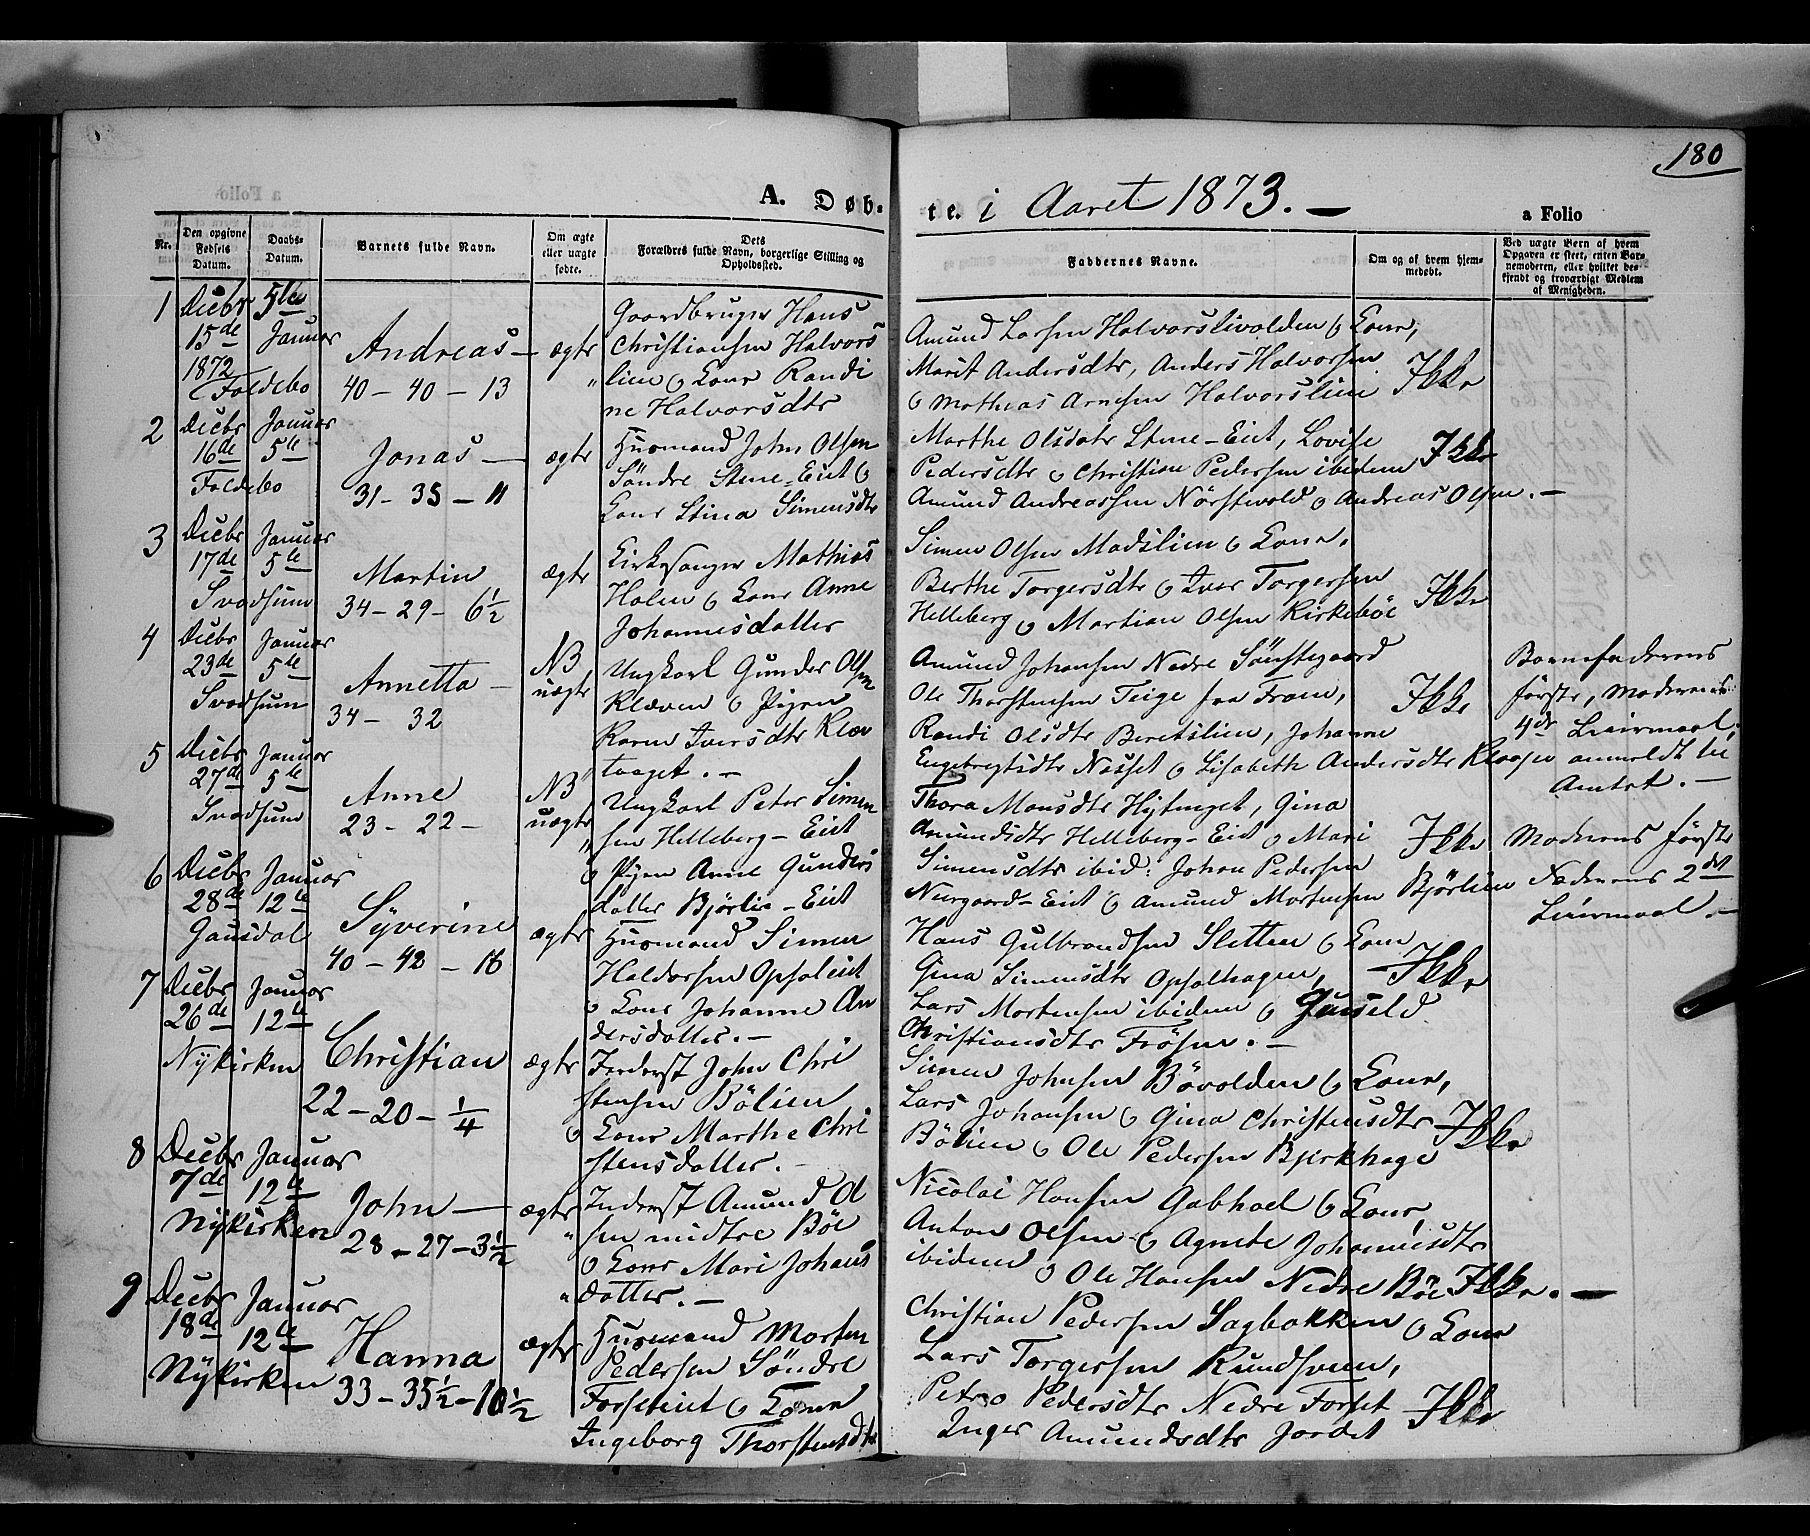 SAH, Gausdal prestekontor, Parish register (official) no. 9, 1862-1873, p. 180